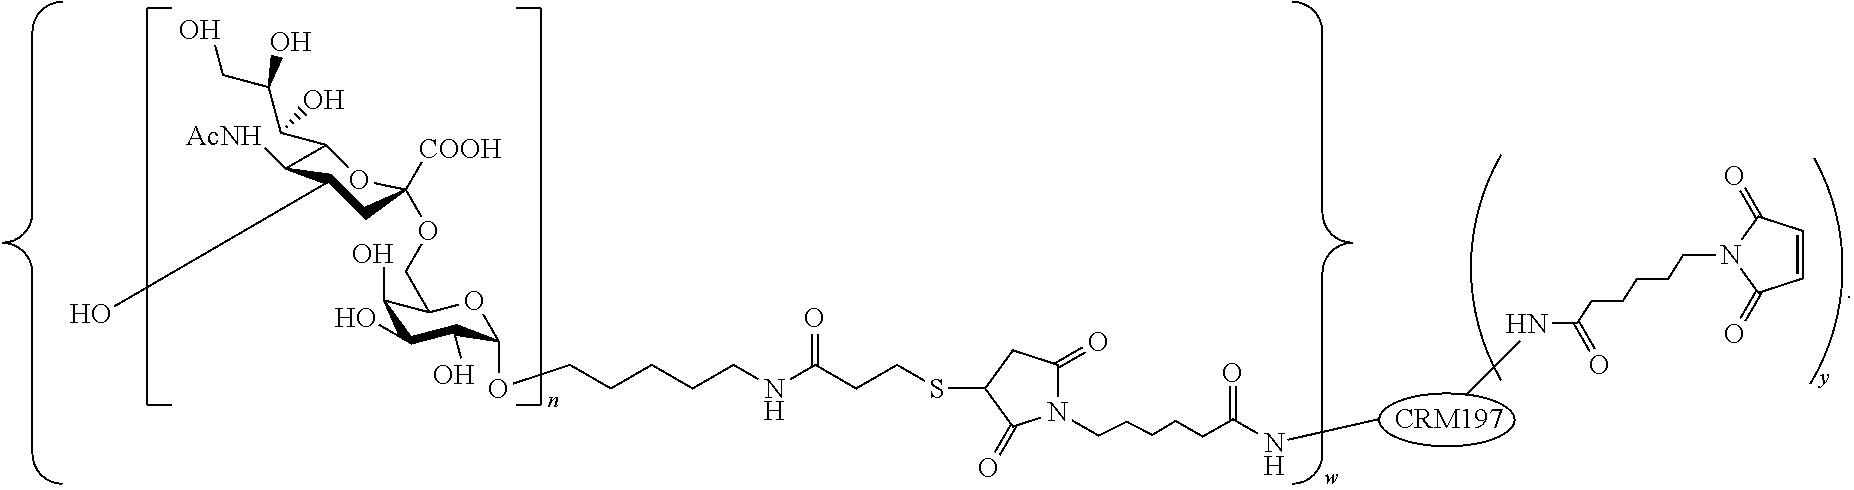 Figure US09981030-20180529-C00065